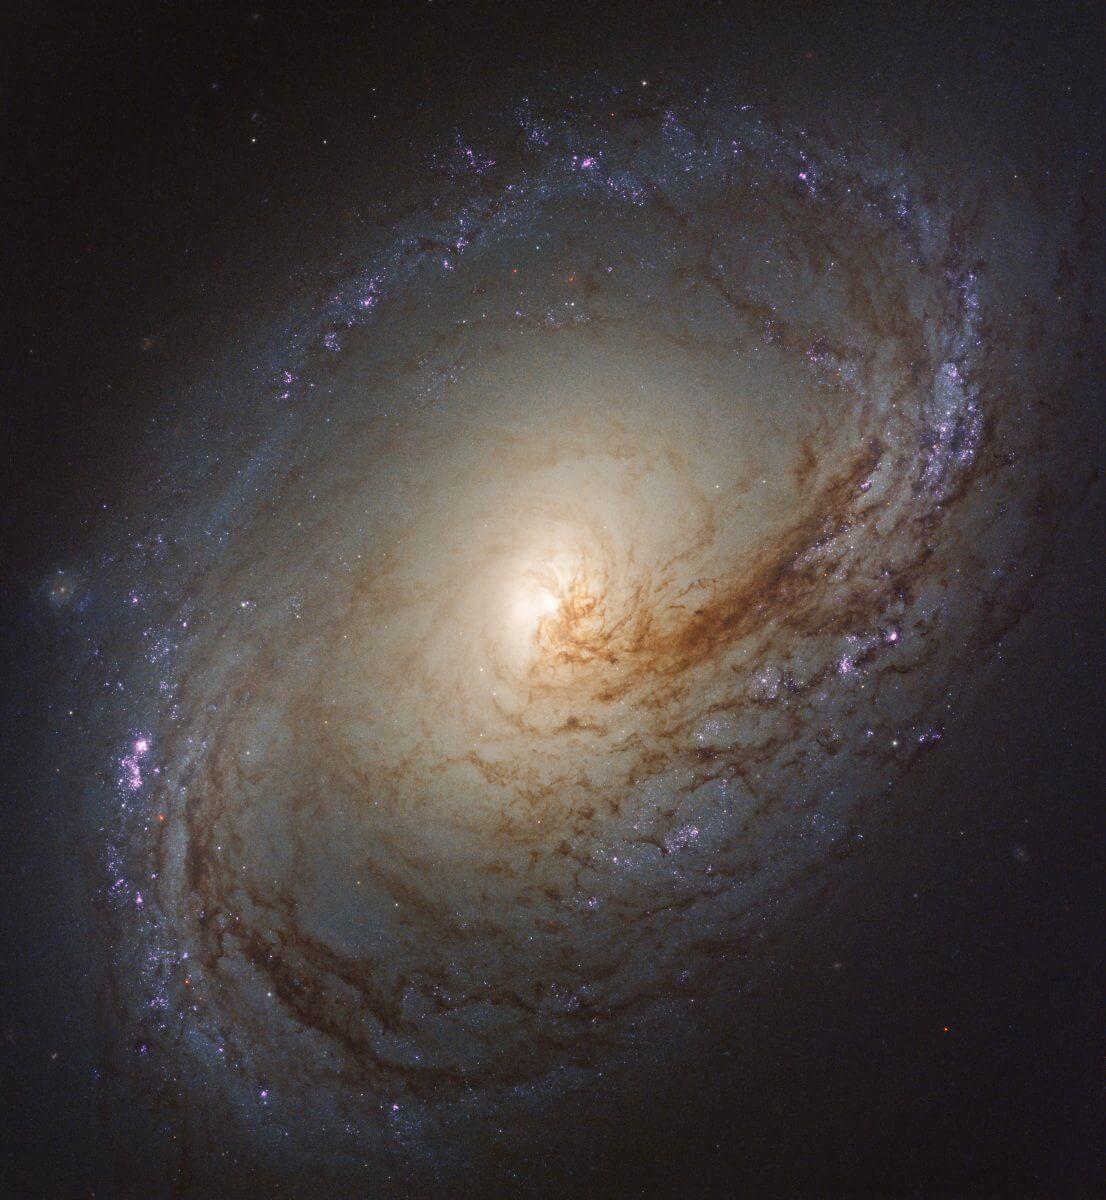 渦巻銀河「M96」(Credit: NASA, ESA, and the LEGUS team)